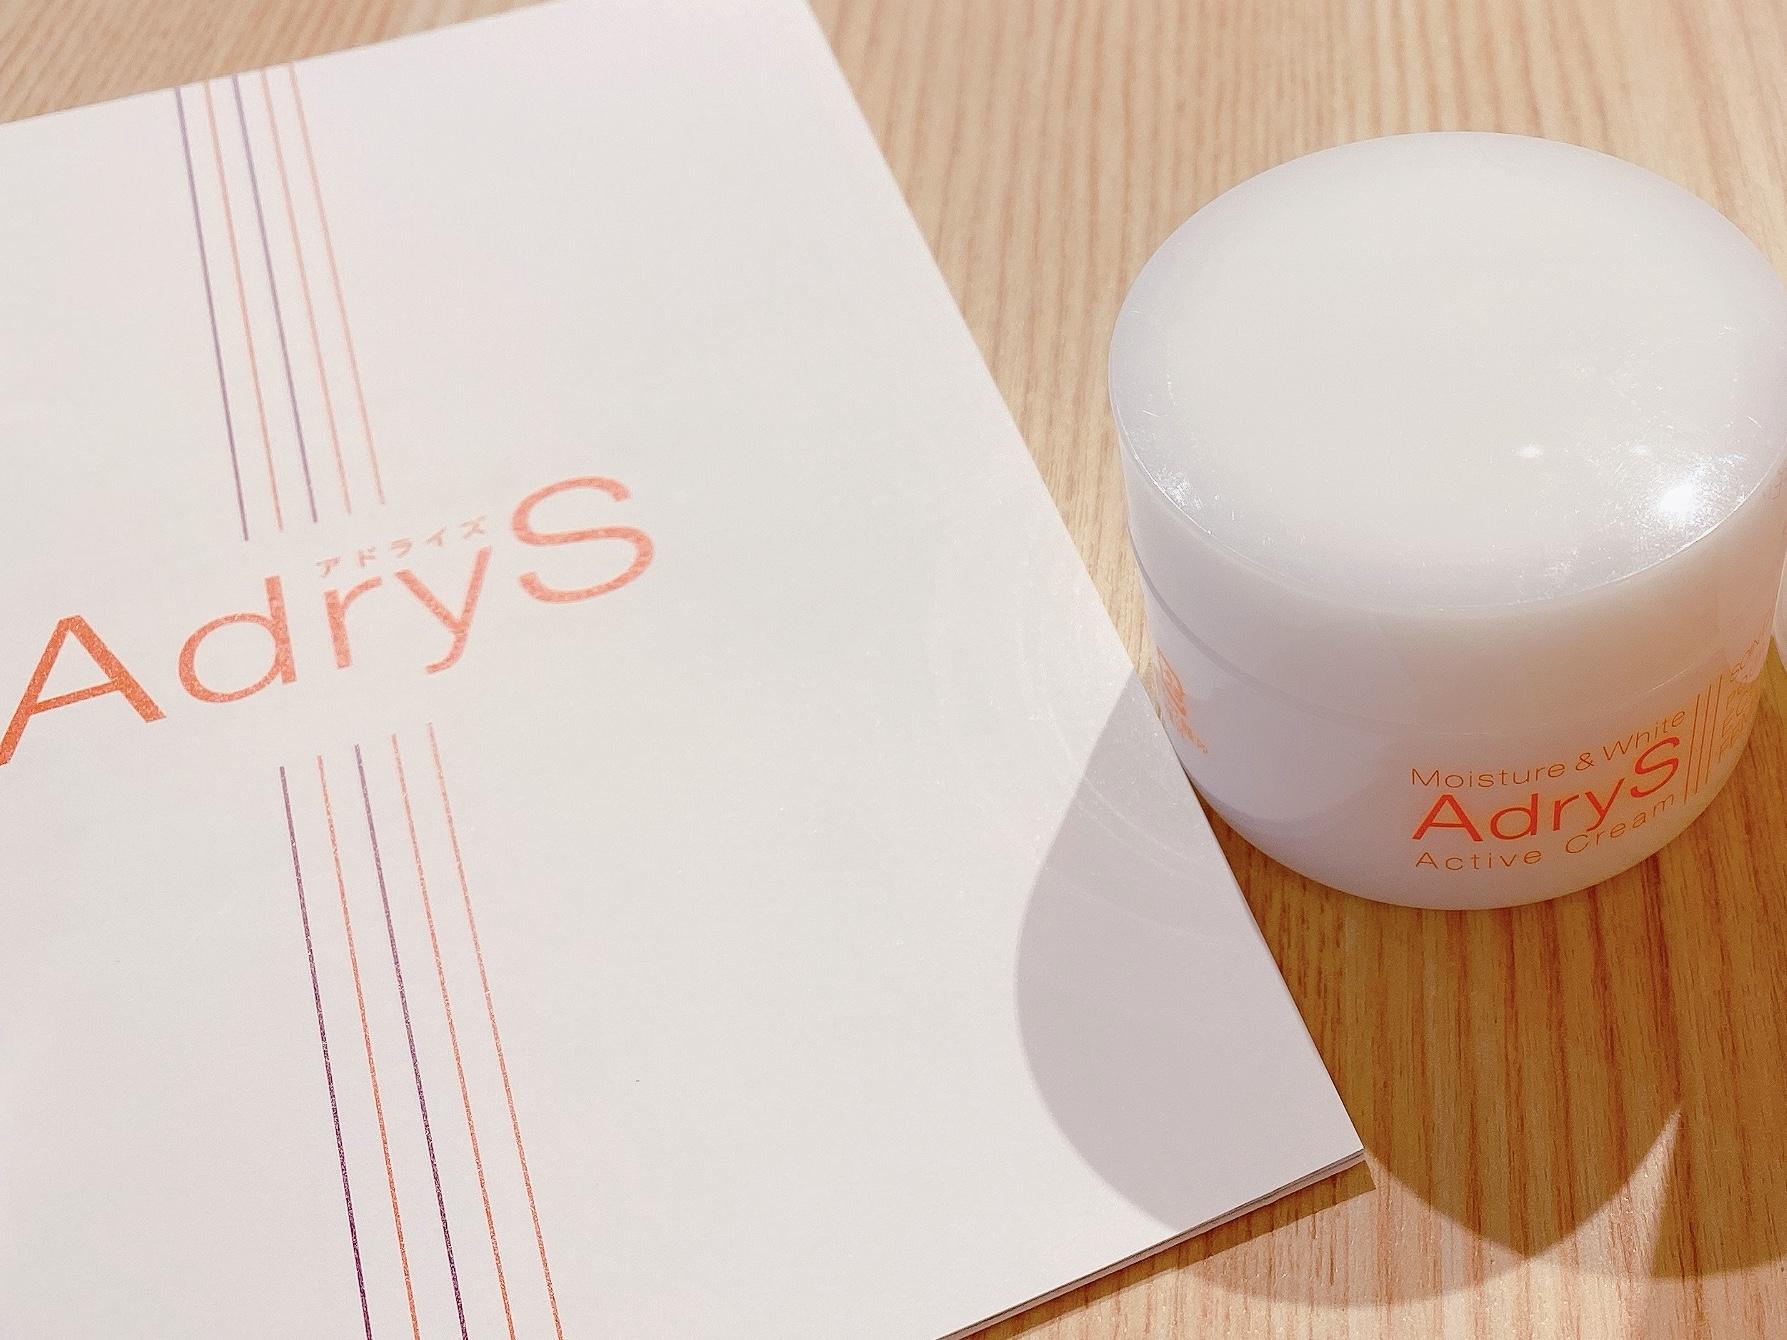 乾燥する季節にぴったりの大正製薬の新スキンケアブランド【AdryS(アドライズ)】_4